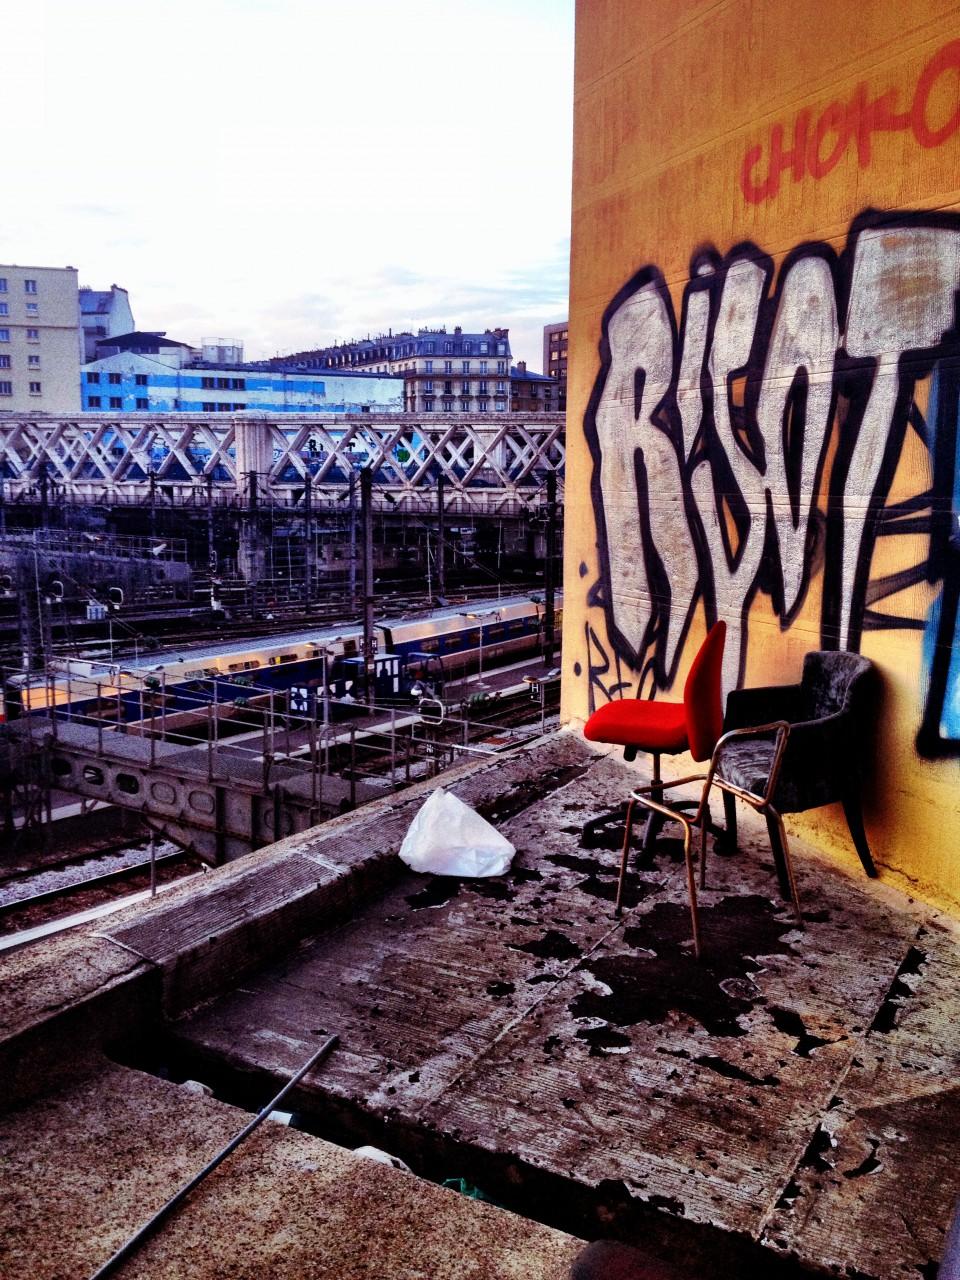 Paris Gare de l'Est - 2015